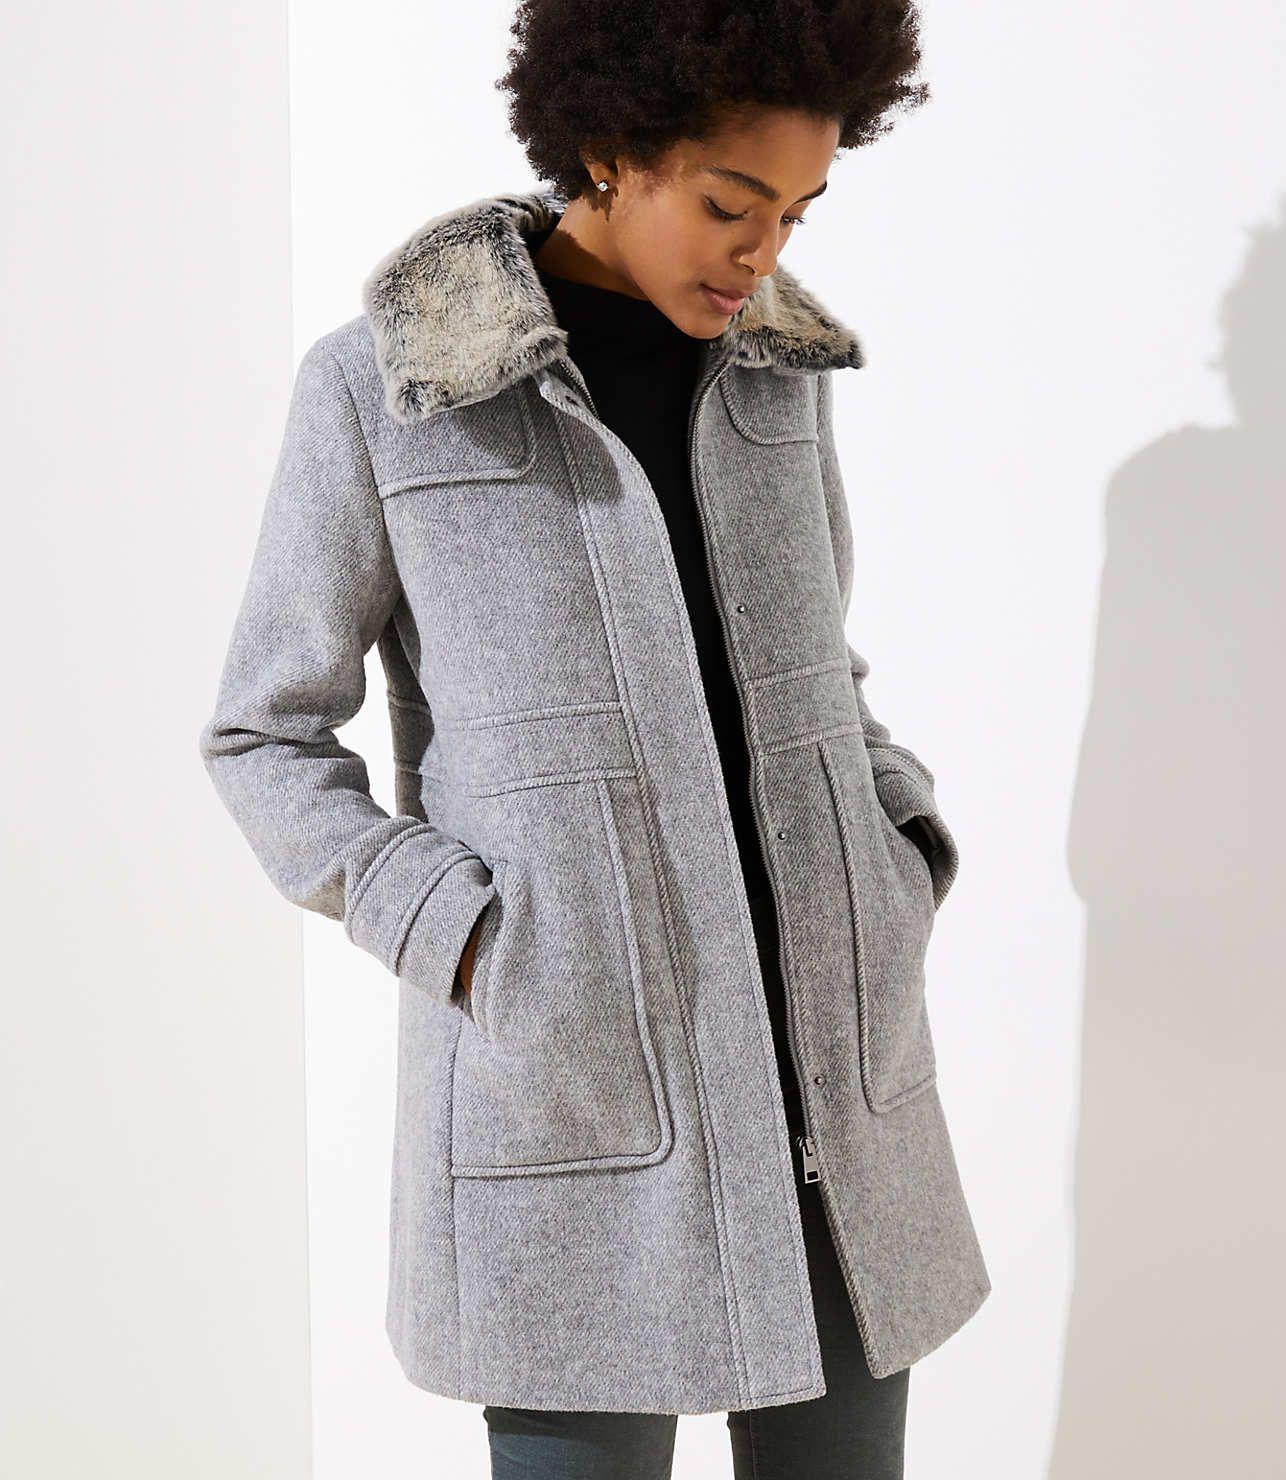 Faux Fur Collar Coat Loft Faux Fur Collar Coat Coat Clad And Cloth [ 1480 x 1286 Pixel ]